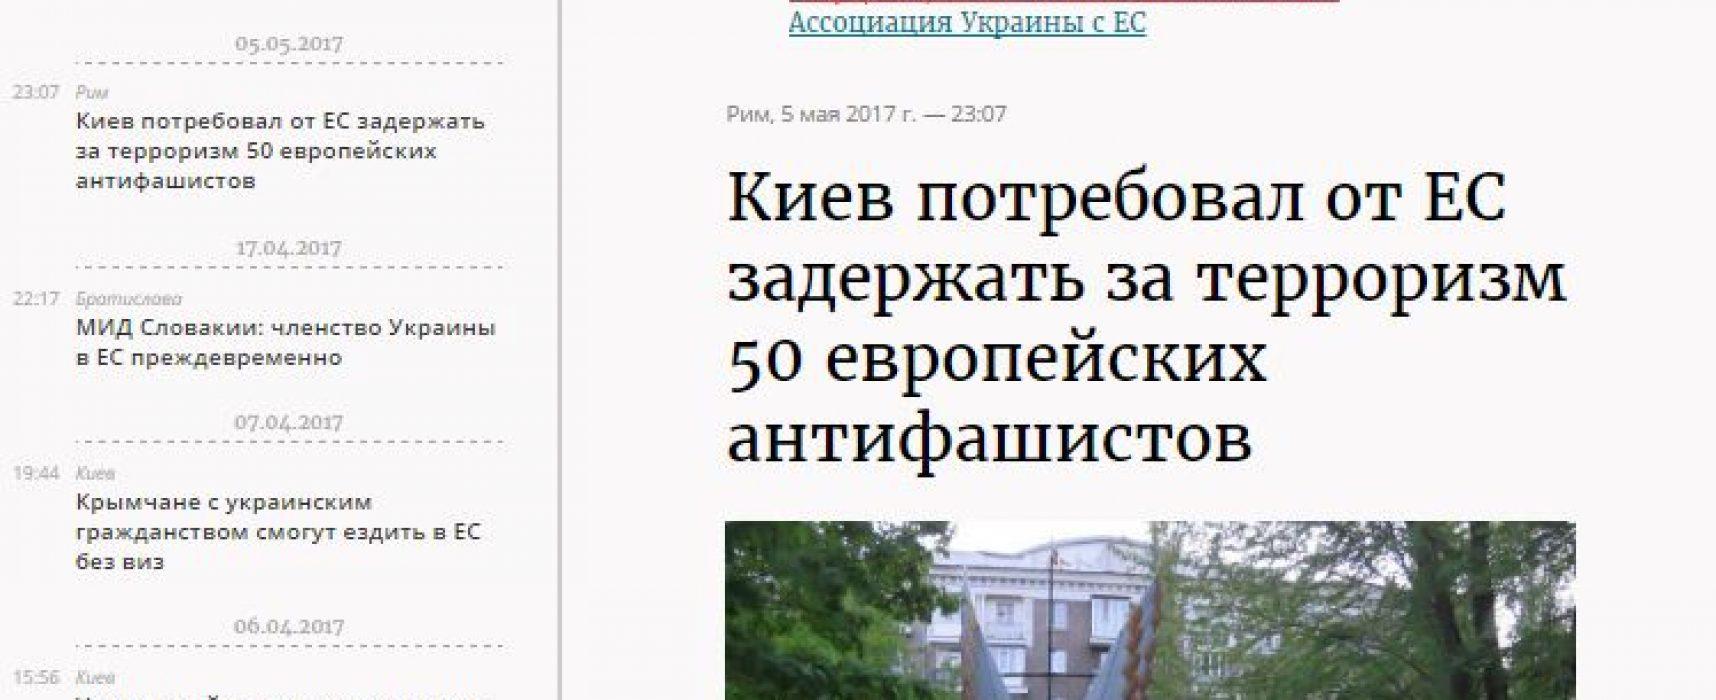 Испанские и итальянские СМИ написали о несуществующей экстрадиции 50 иностранцев за посещение Донбасса